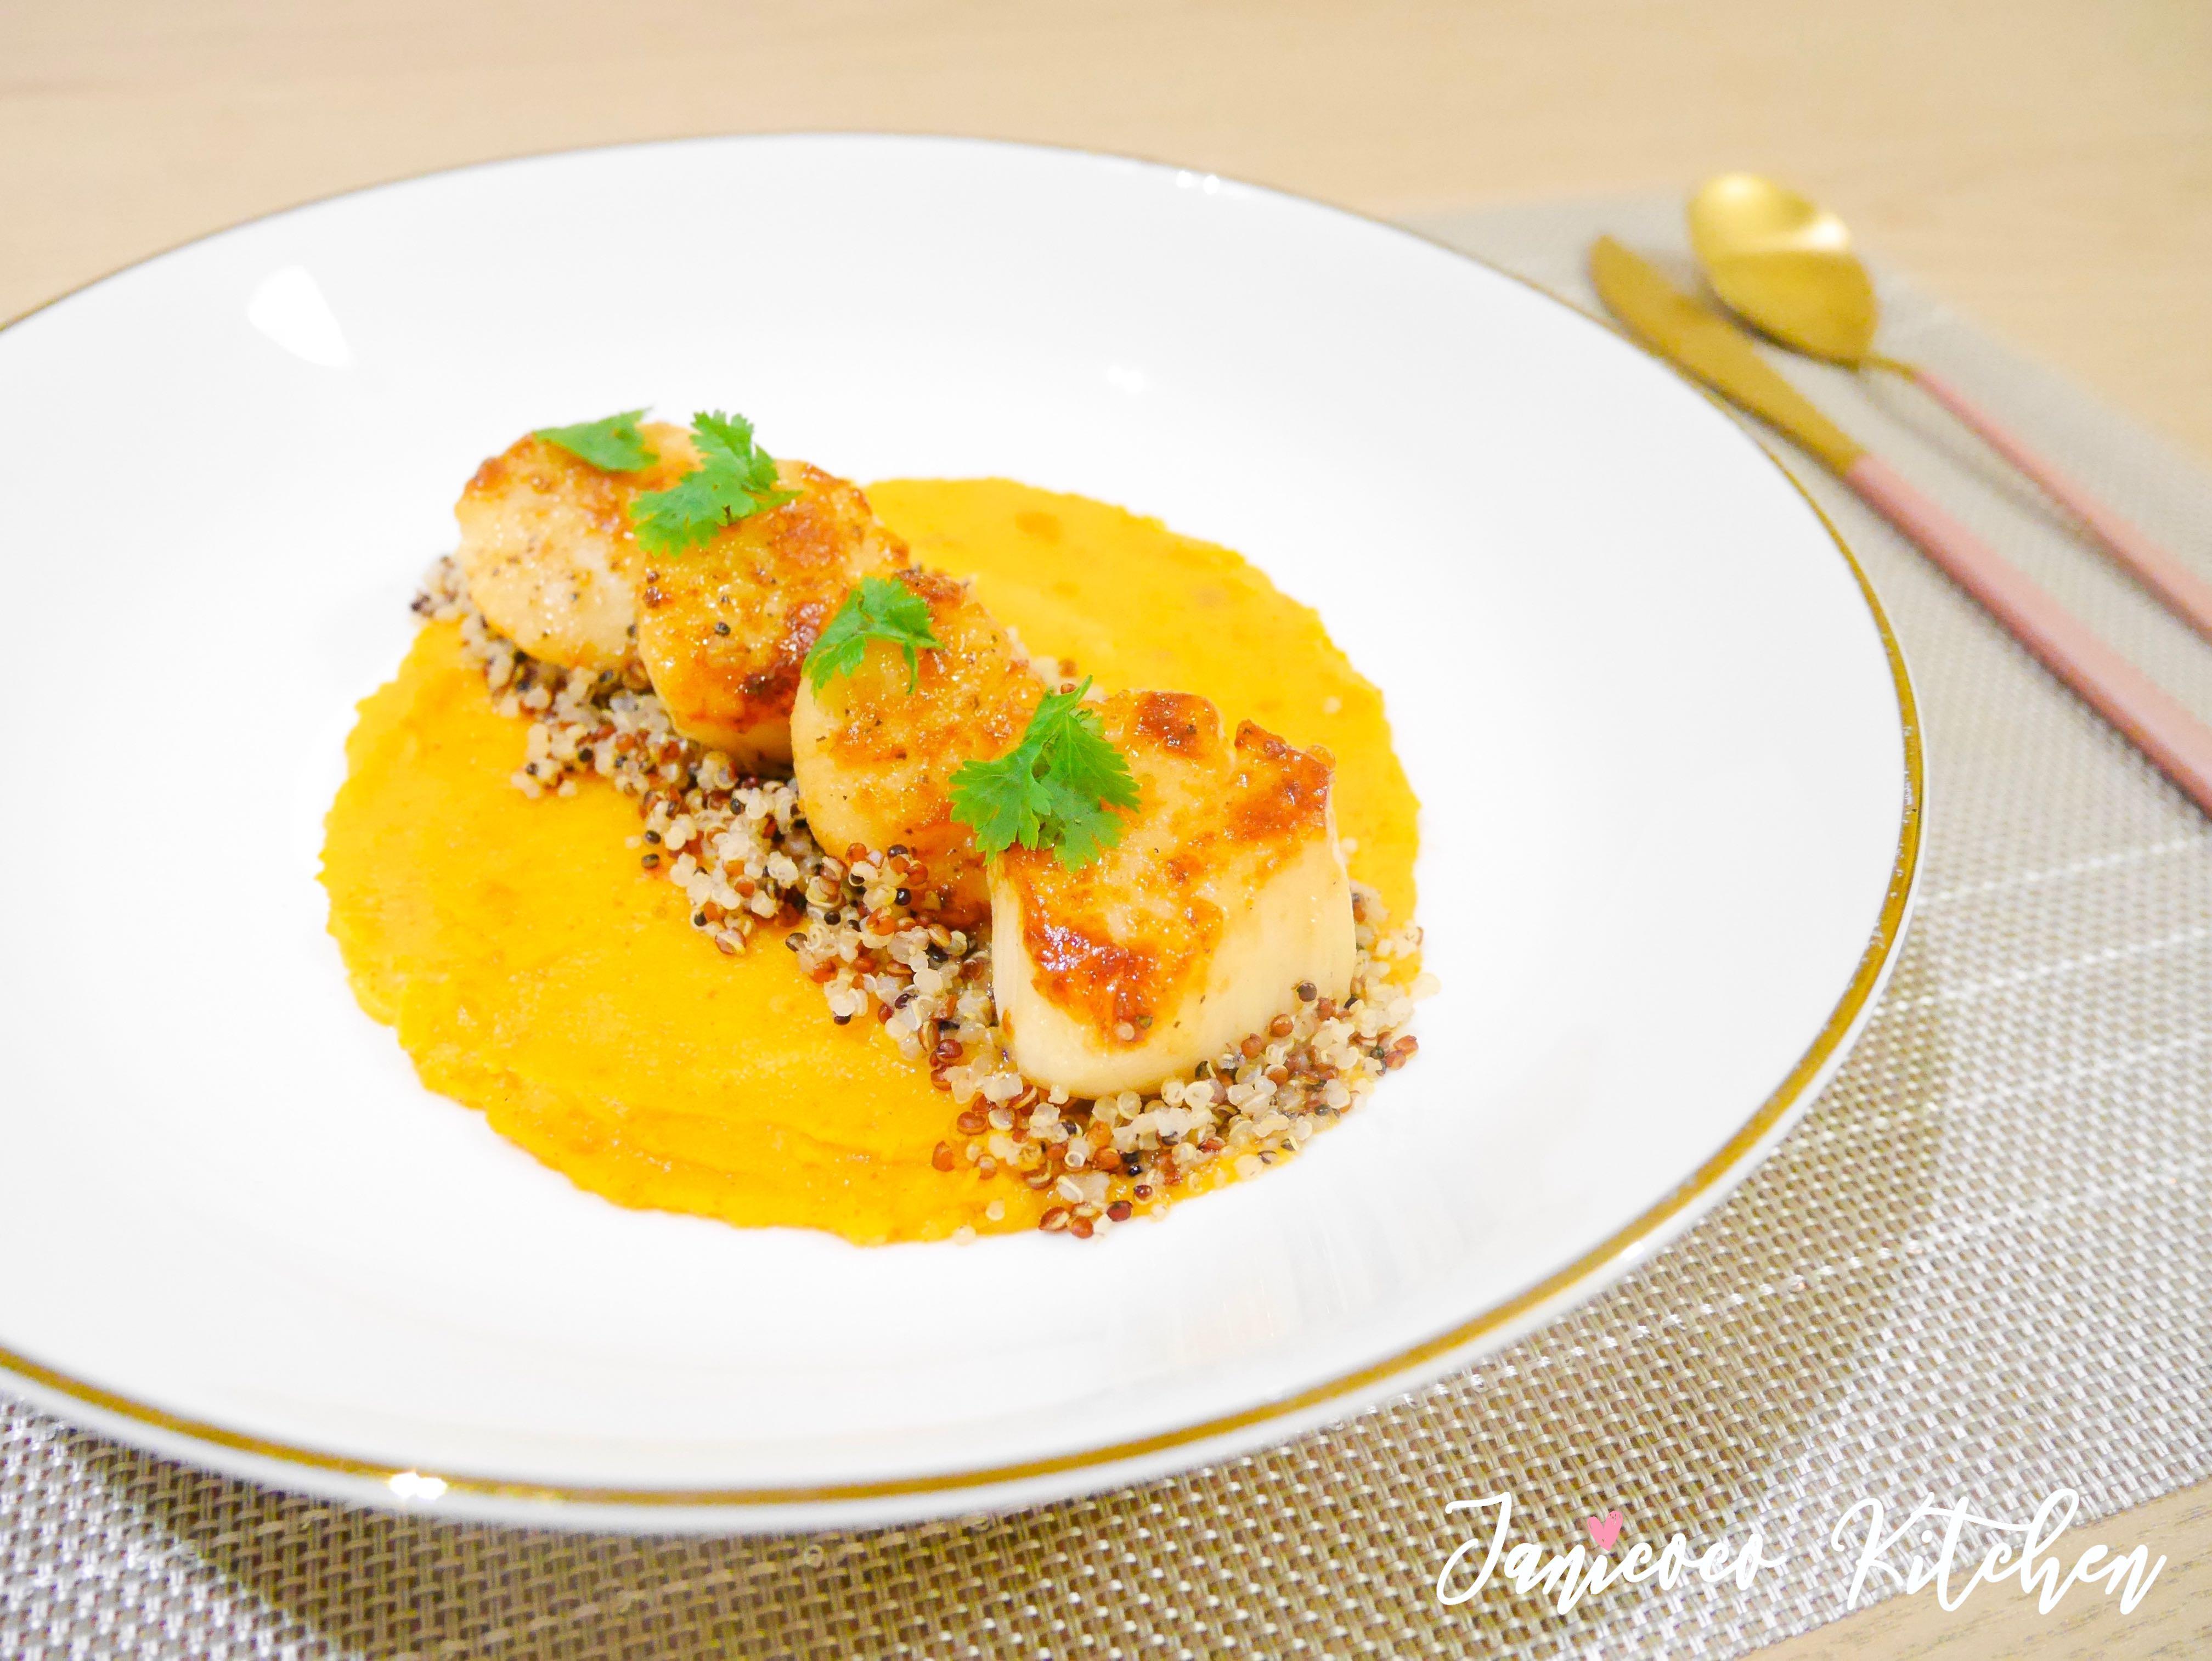 西式前菜🥗牛油煎帶子伴藜麥薯蓉